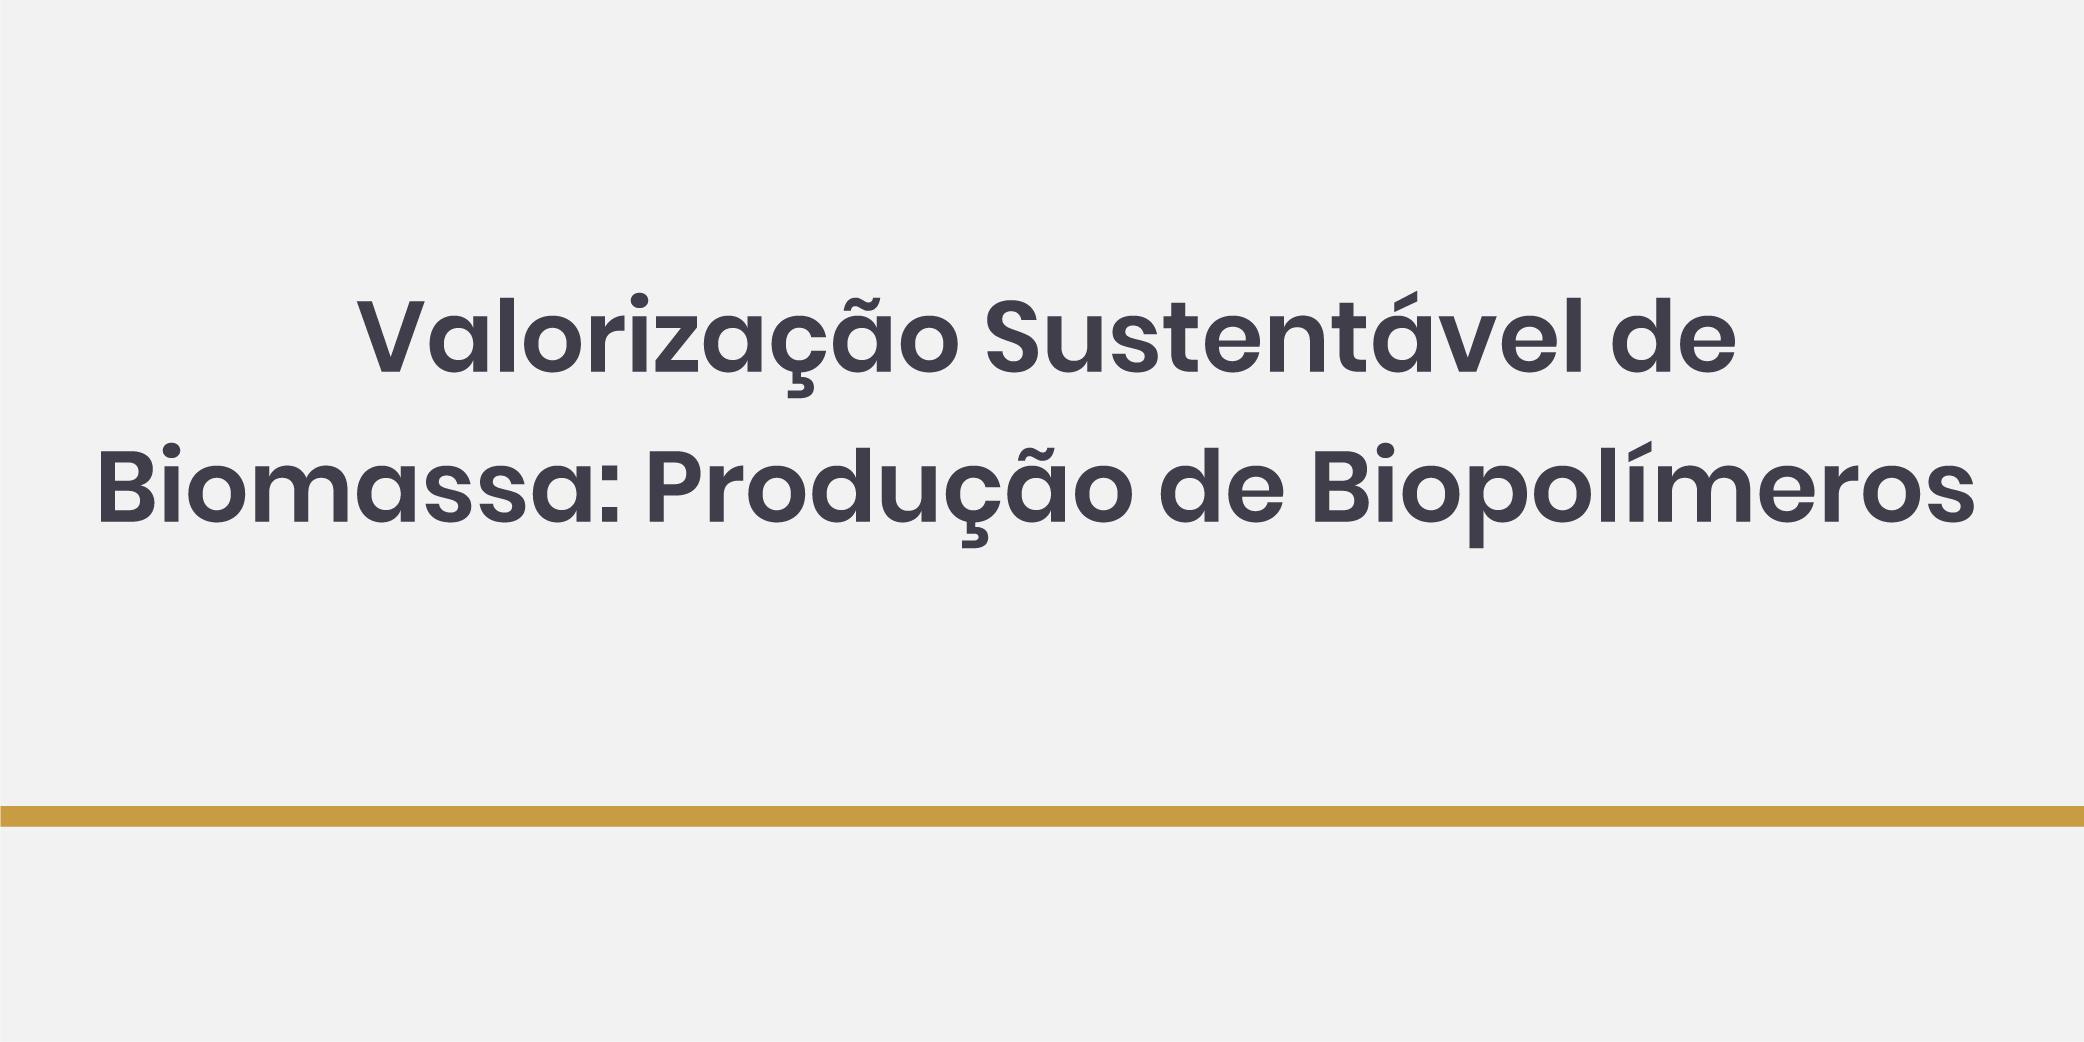 Valorização Sustentável de Biomassa: Produção de Biopolímeros